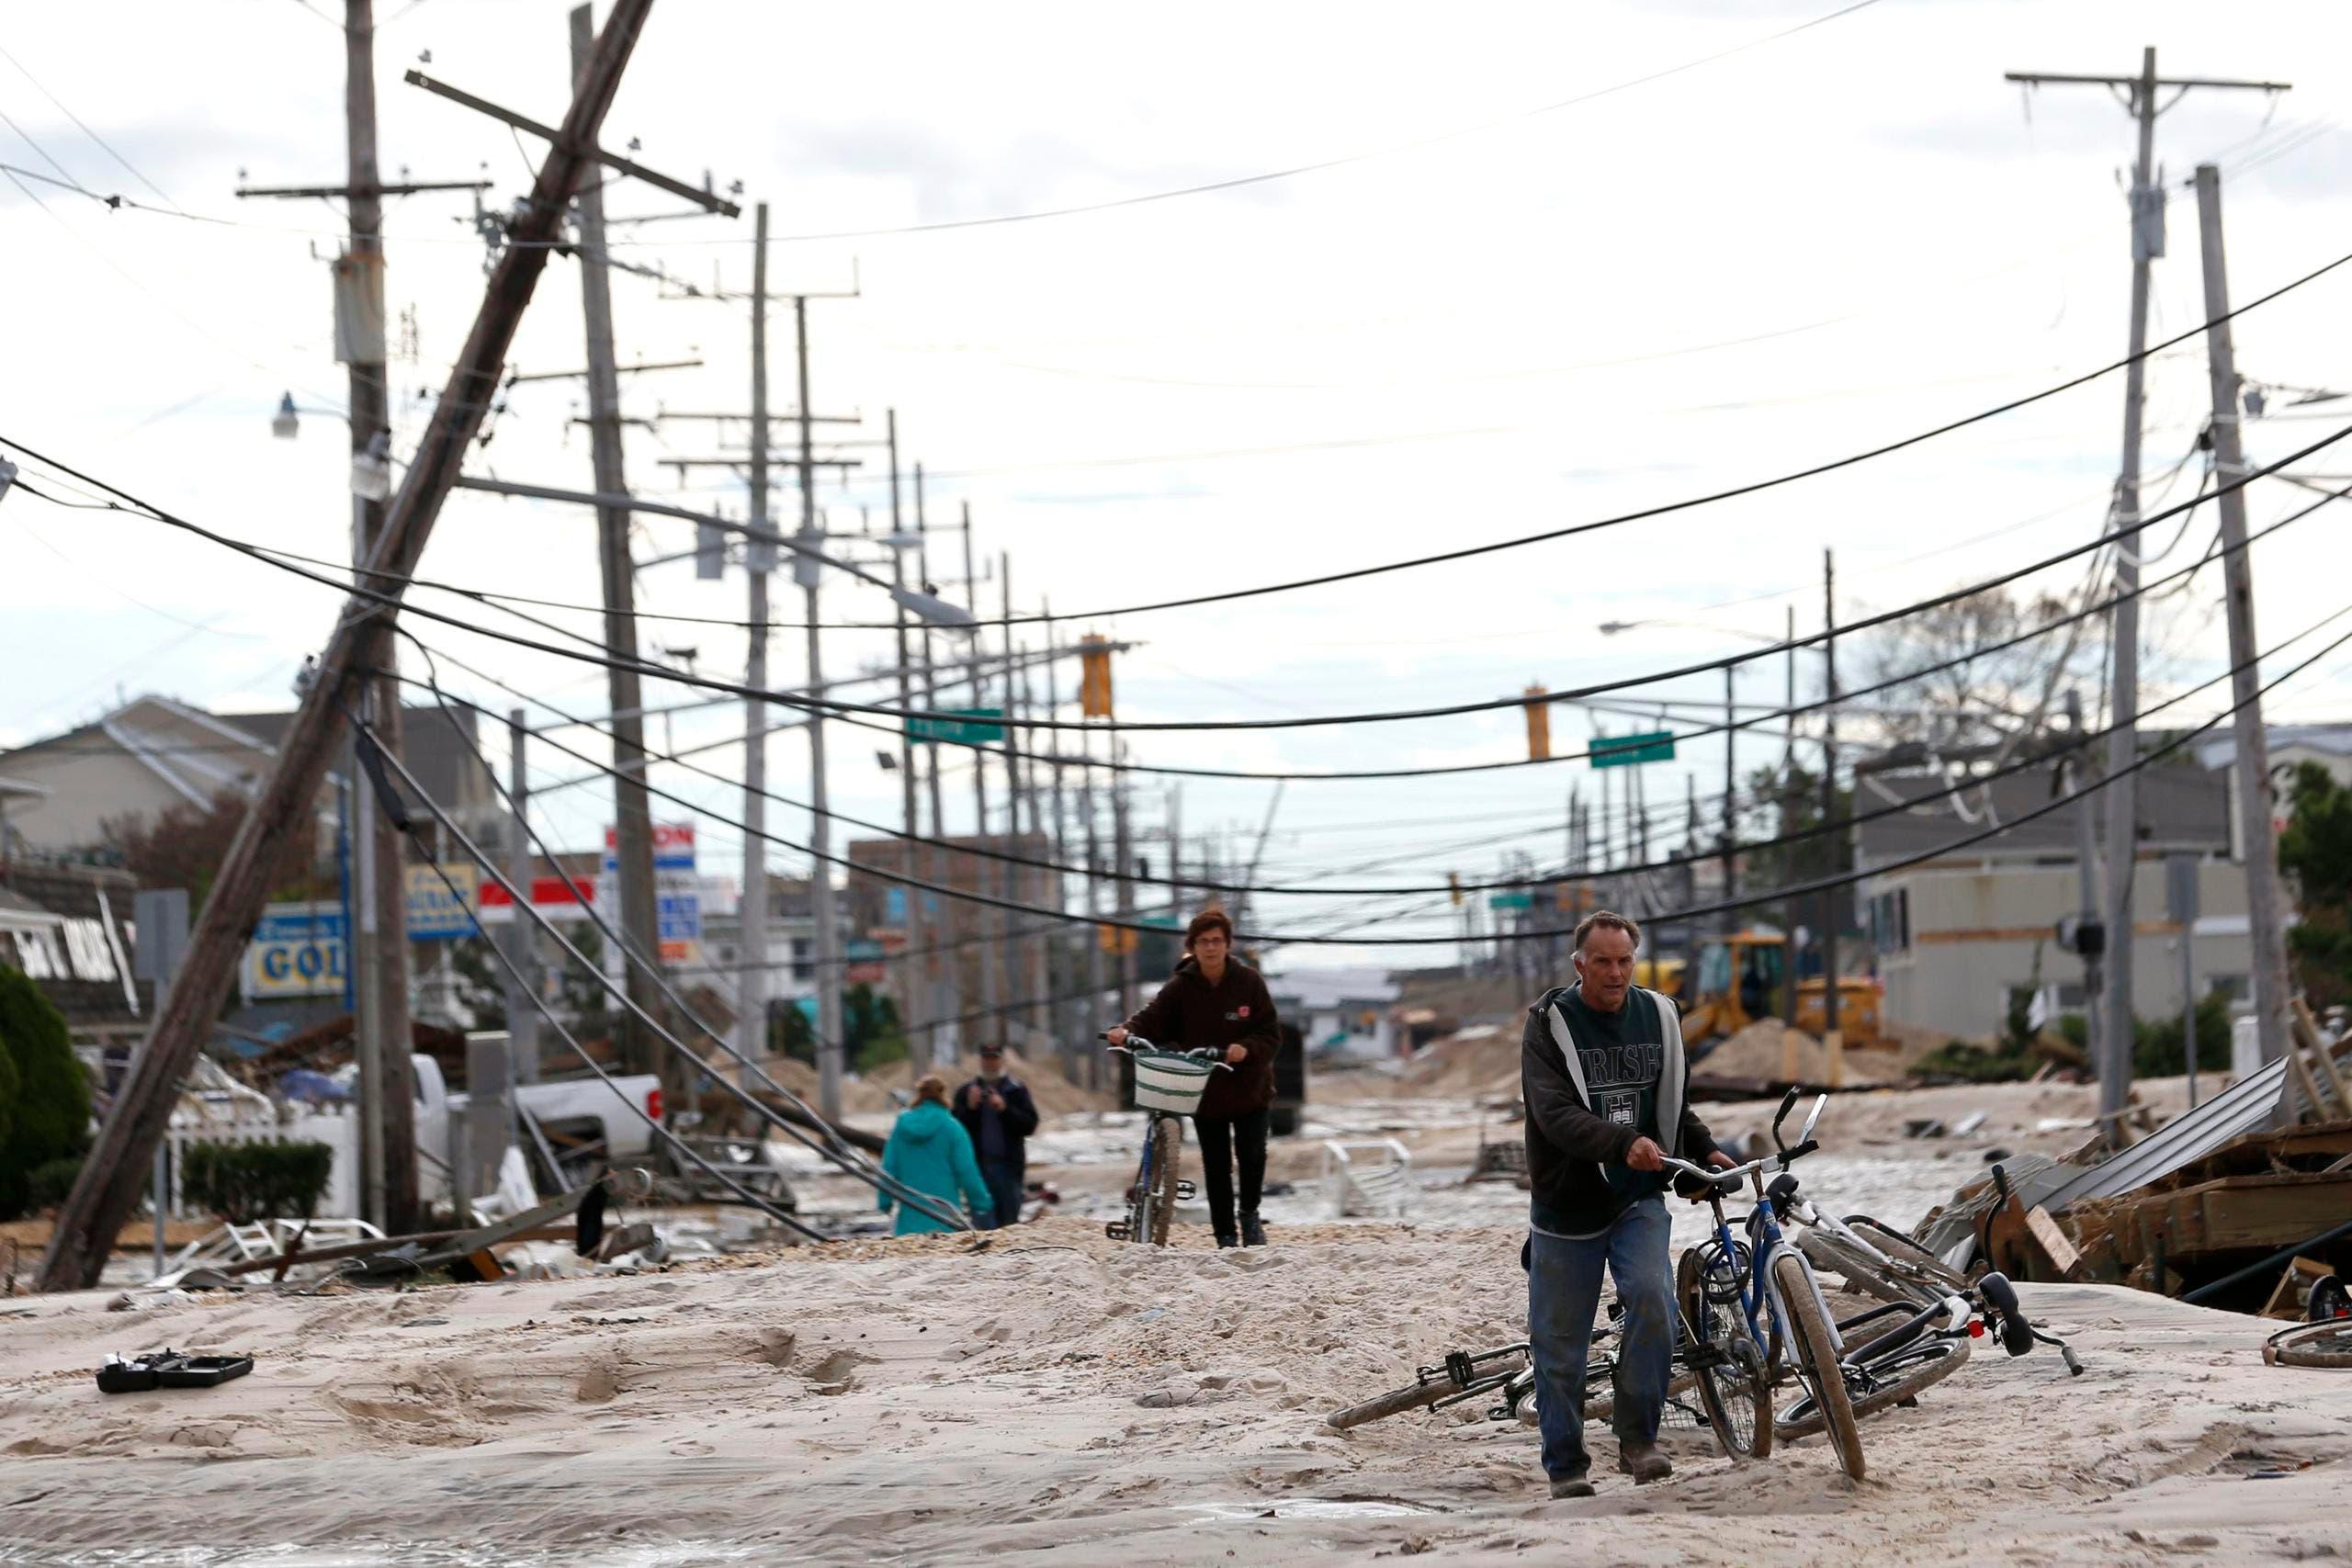 Der Supersturm Sandy richtete massive Schäden an der Infrastruktur an. (Bild: Keystone)